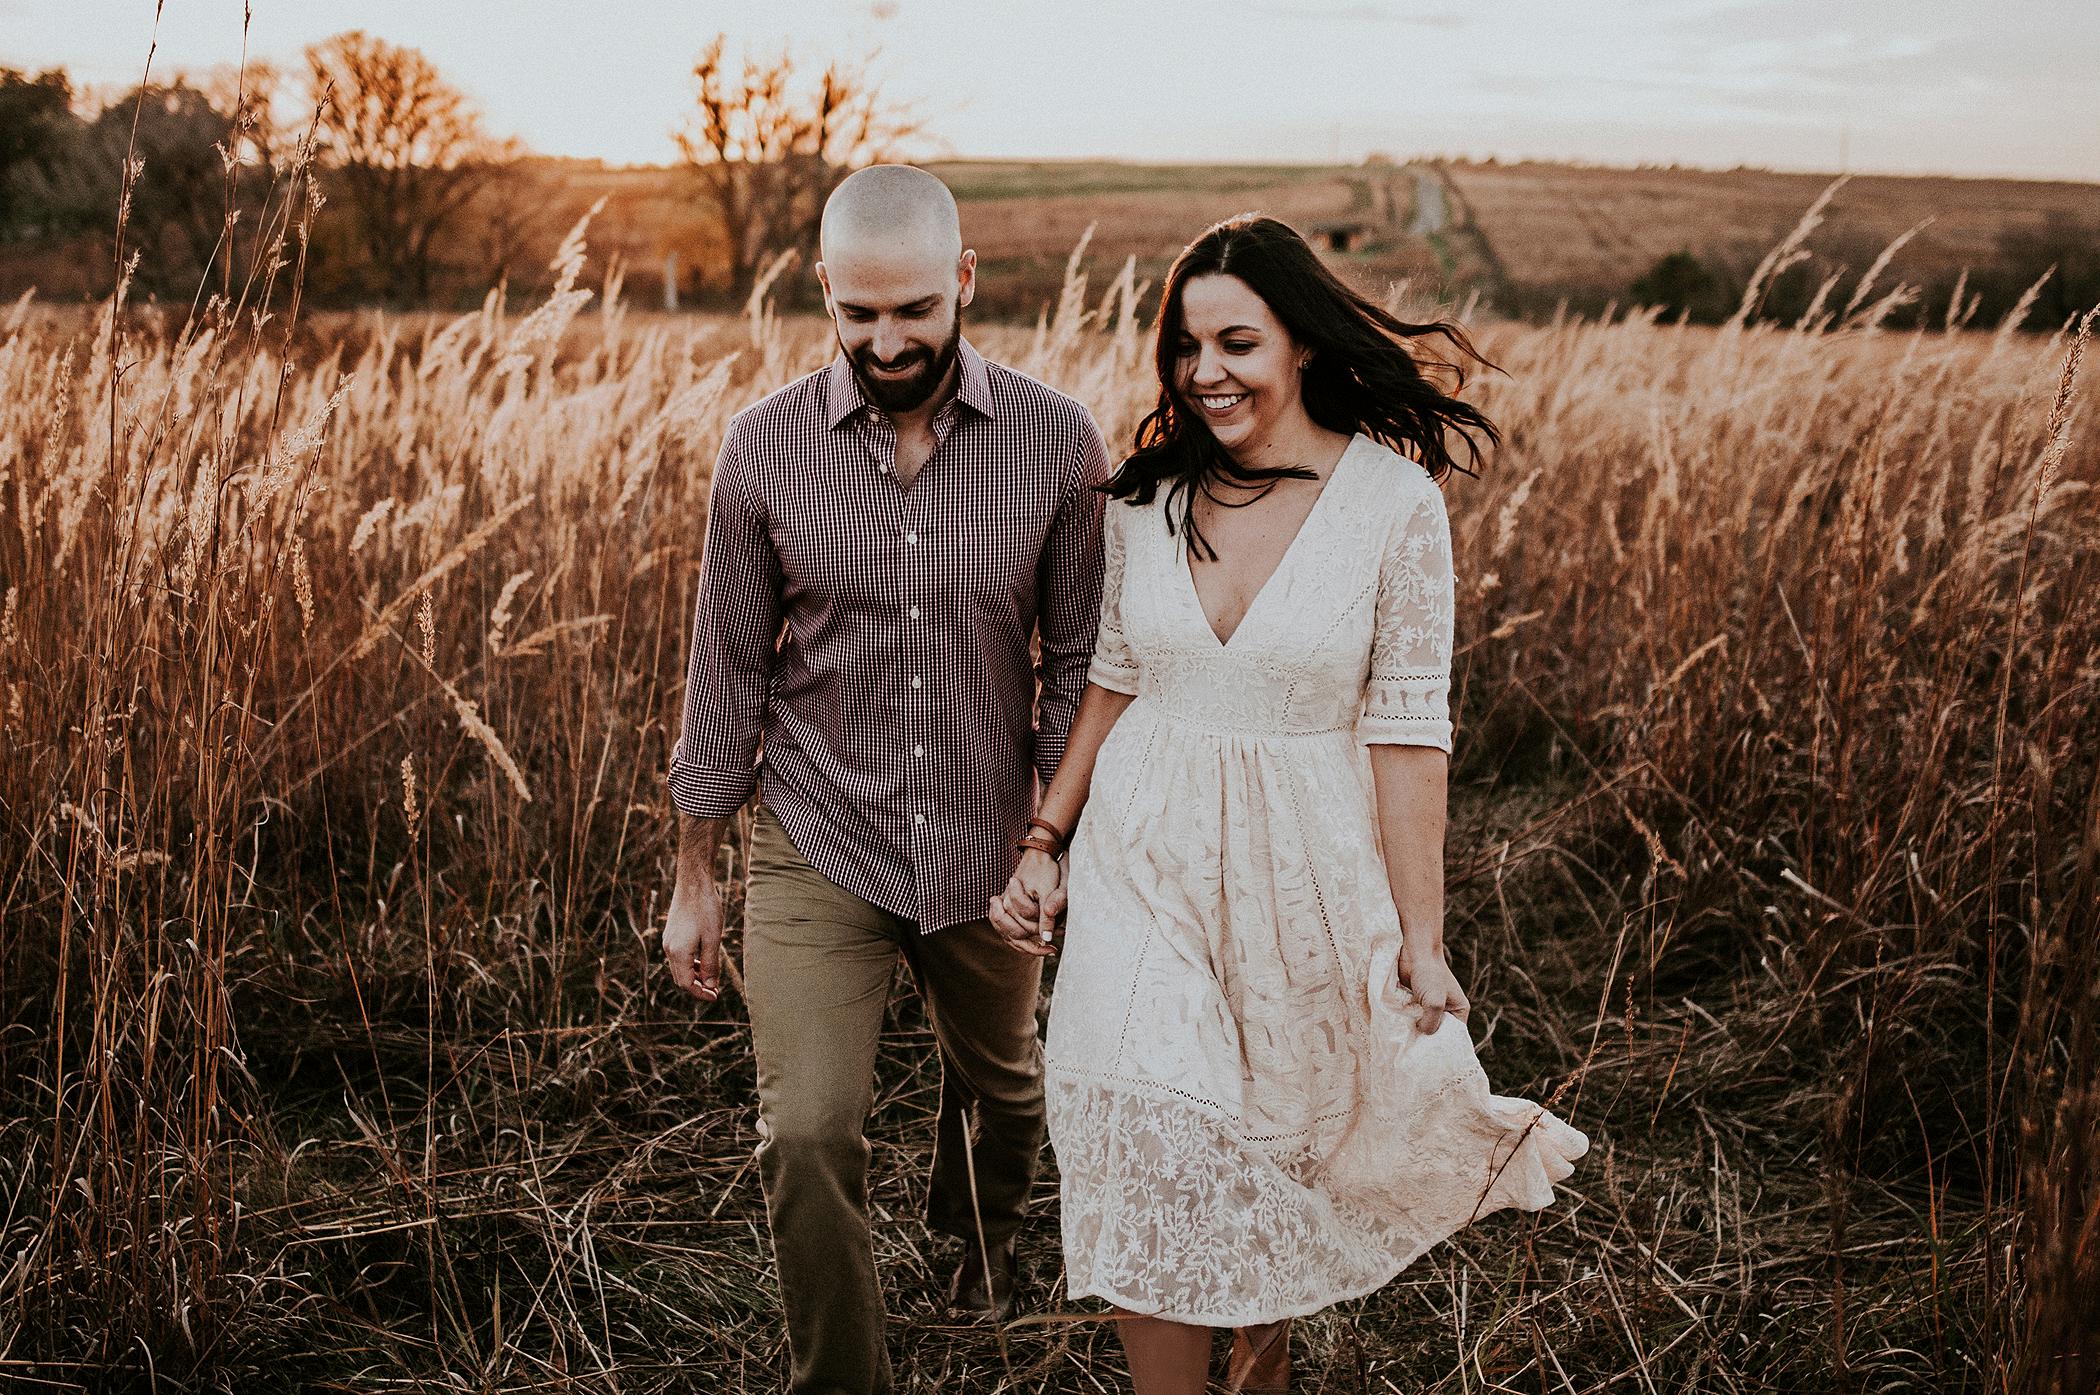 Phil-and-Tara(Engaged)-243.png